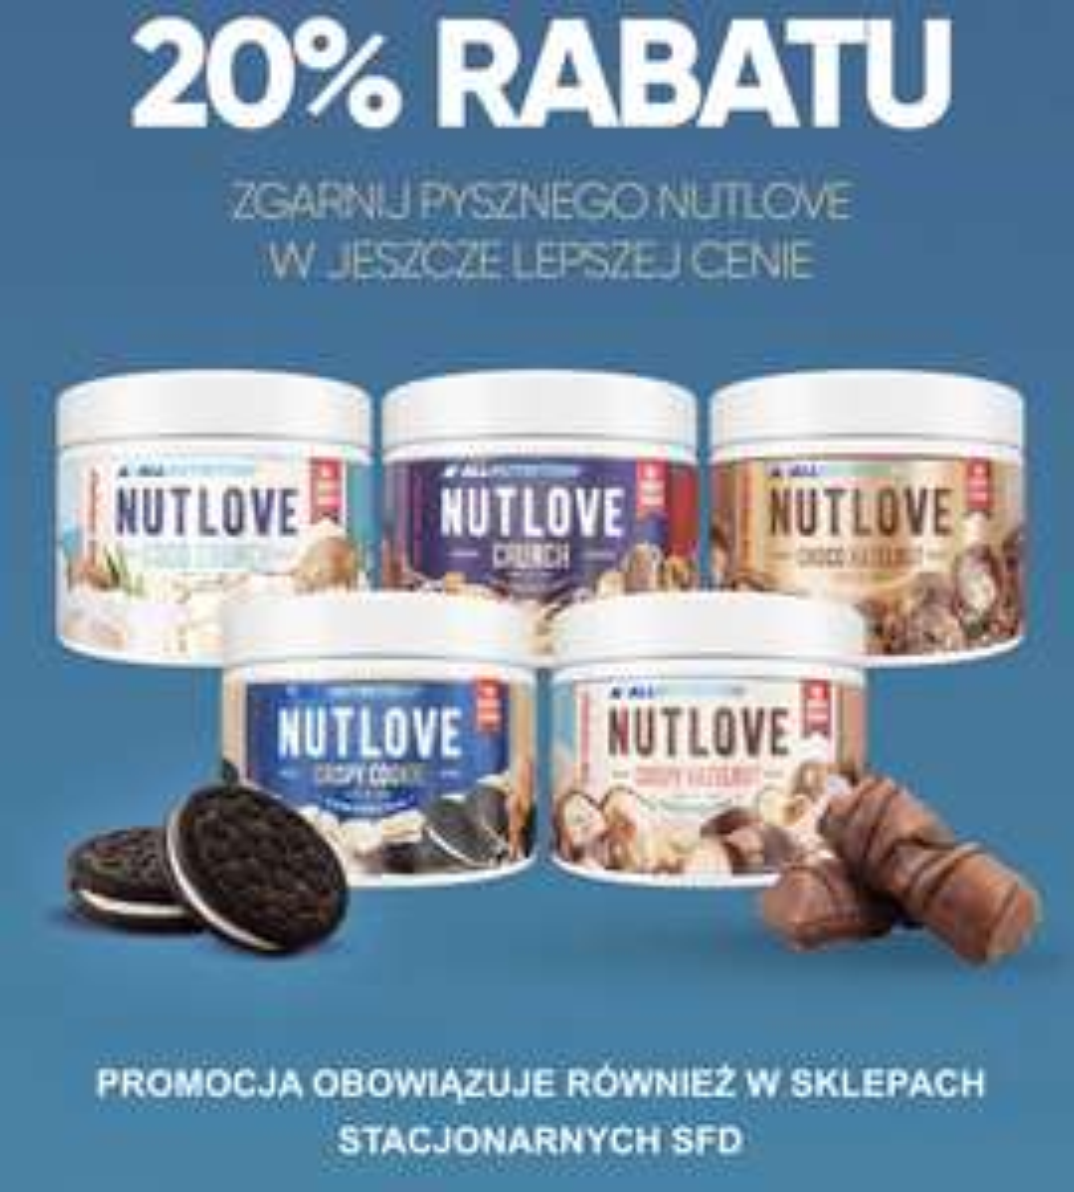 SFD Allnutrition Nutlove - smaczne kremy o różnych smakach -20%